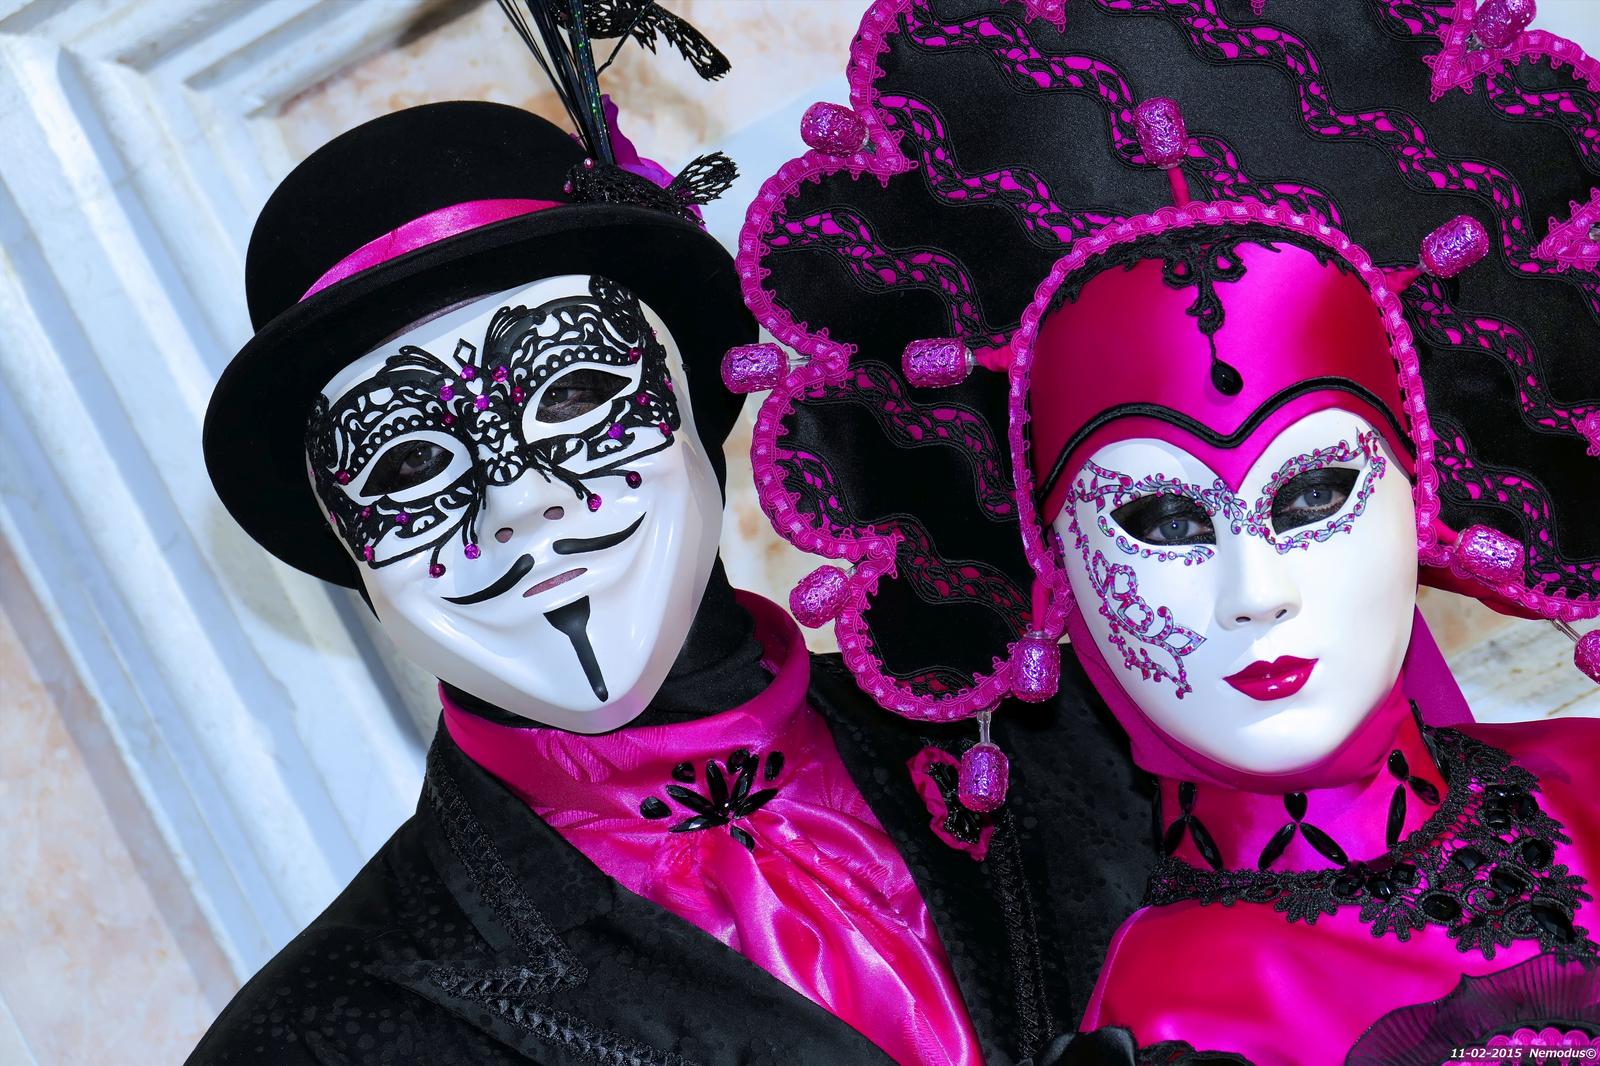 Italia, Venetsian karnevaalit. Kuva: Flickr/Nemodus photos.